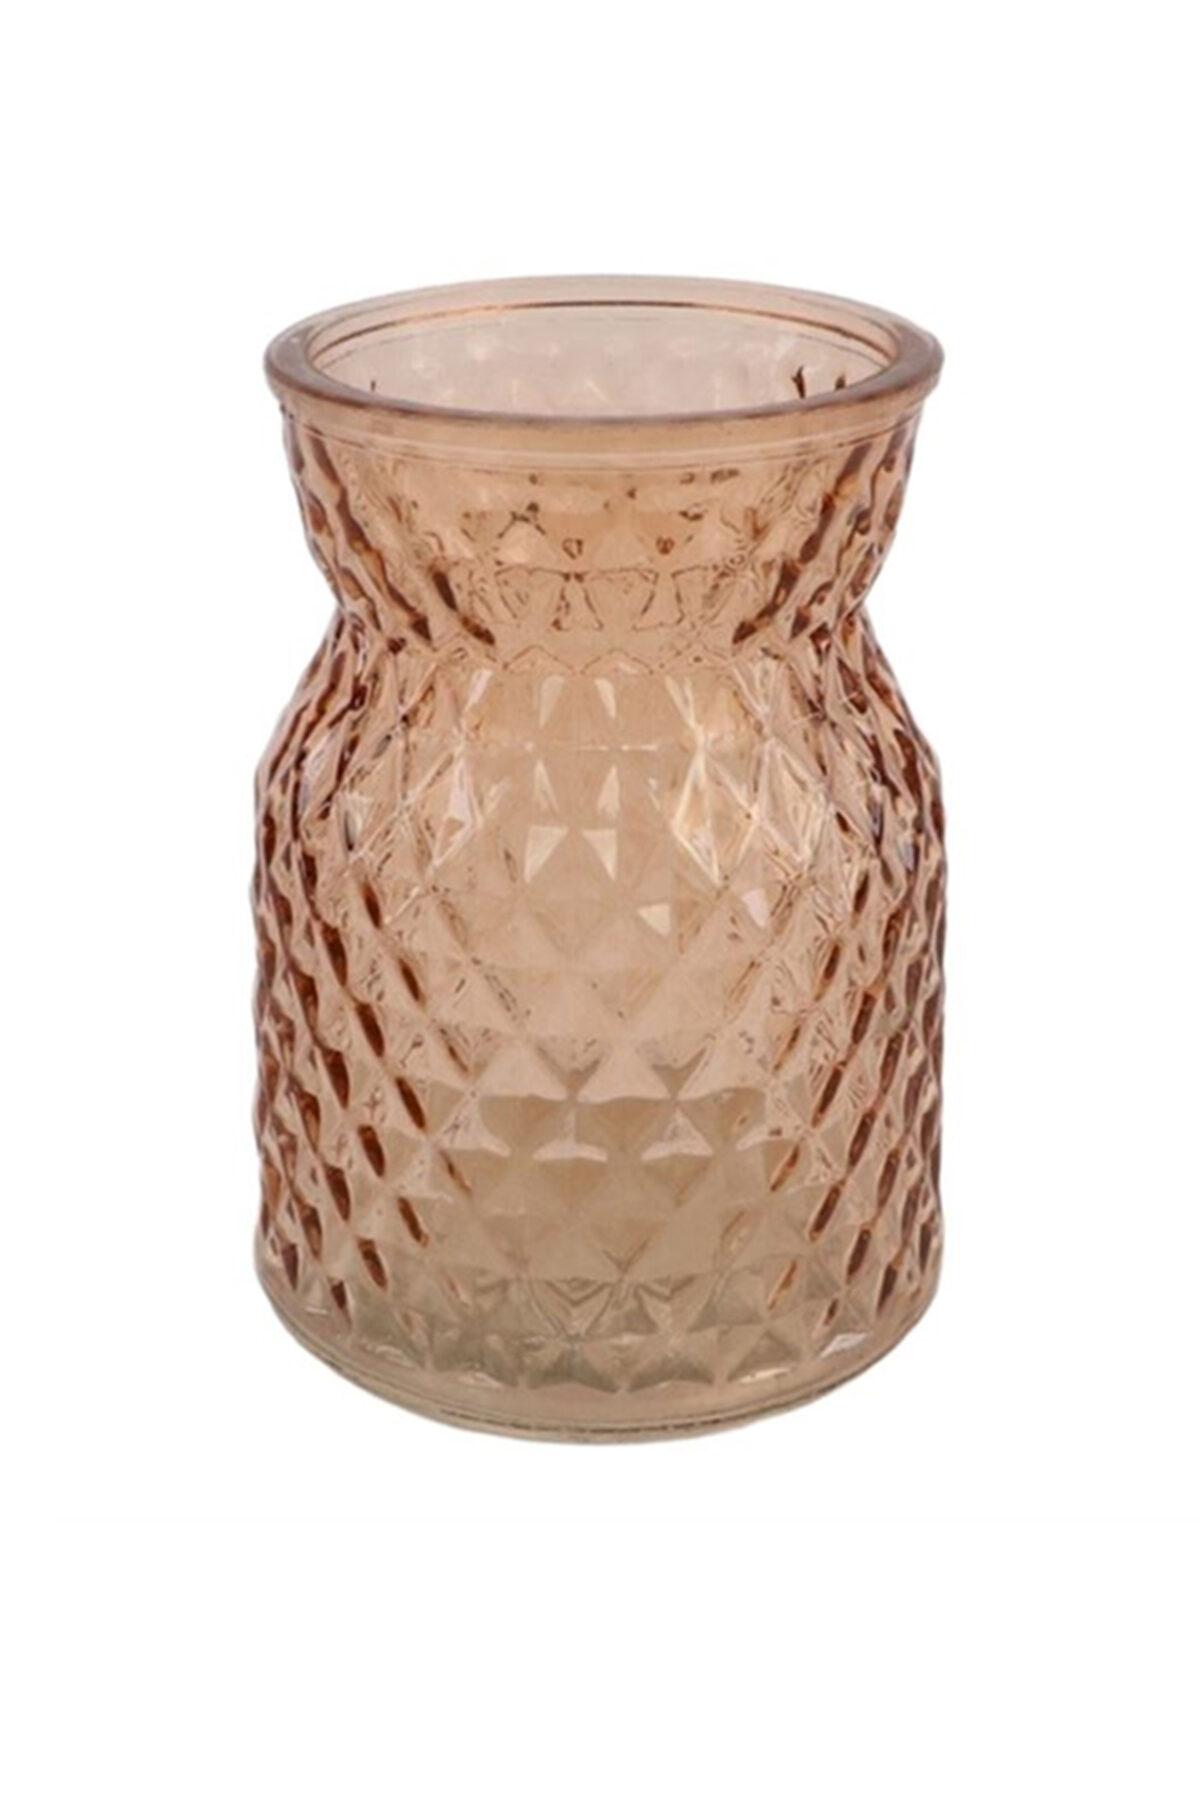 Vaso portafiori - portacandele in vetro color ambra d. 10 cm h. 13 cm